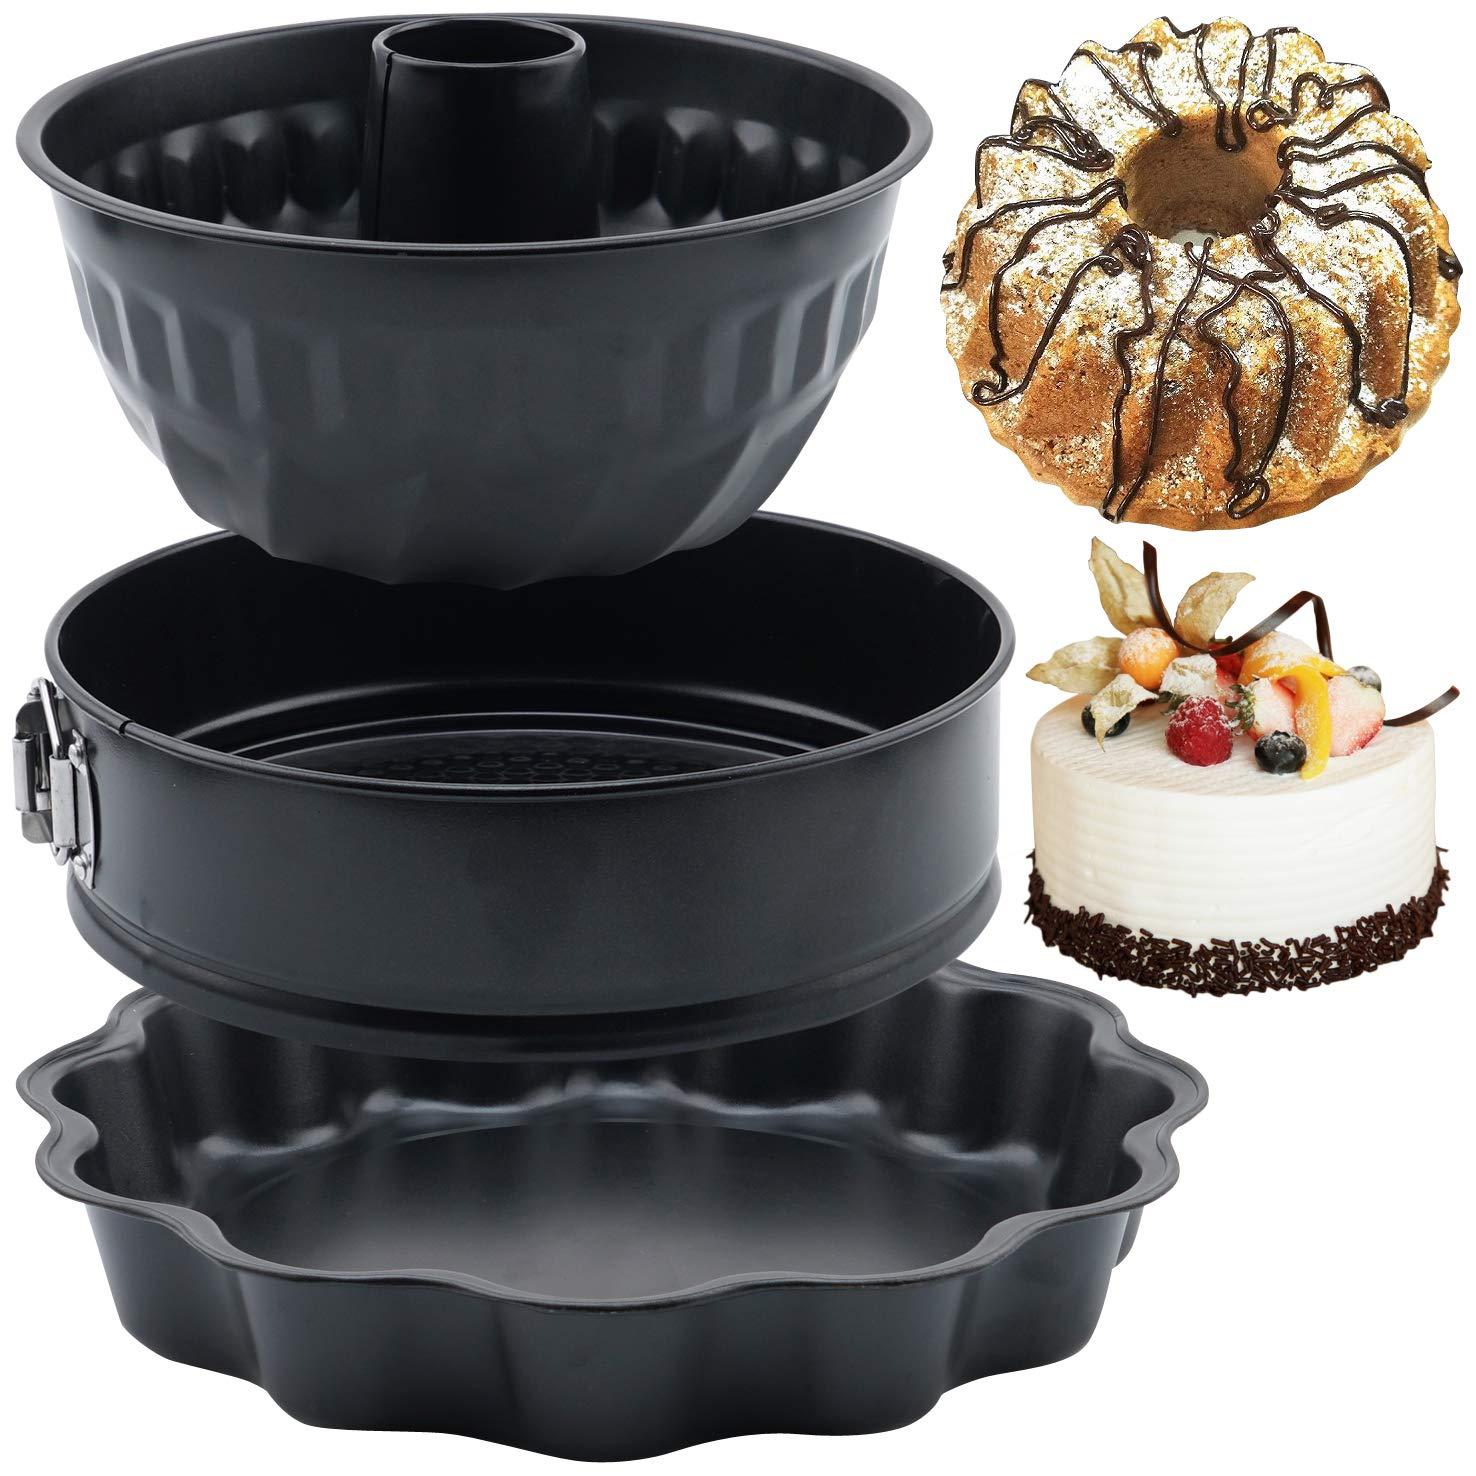 """12/"""" Flower Cake Pan 3pcs Premium Nonstick Cake Baking Mold Leakproof Cheesecake Bakeware Set Kugelhopf Pans for Wedding Birthday Party Christmas Holiday 9/"""" Round Springform Pan 8.7/"""" Bundt Pan"""